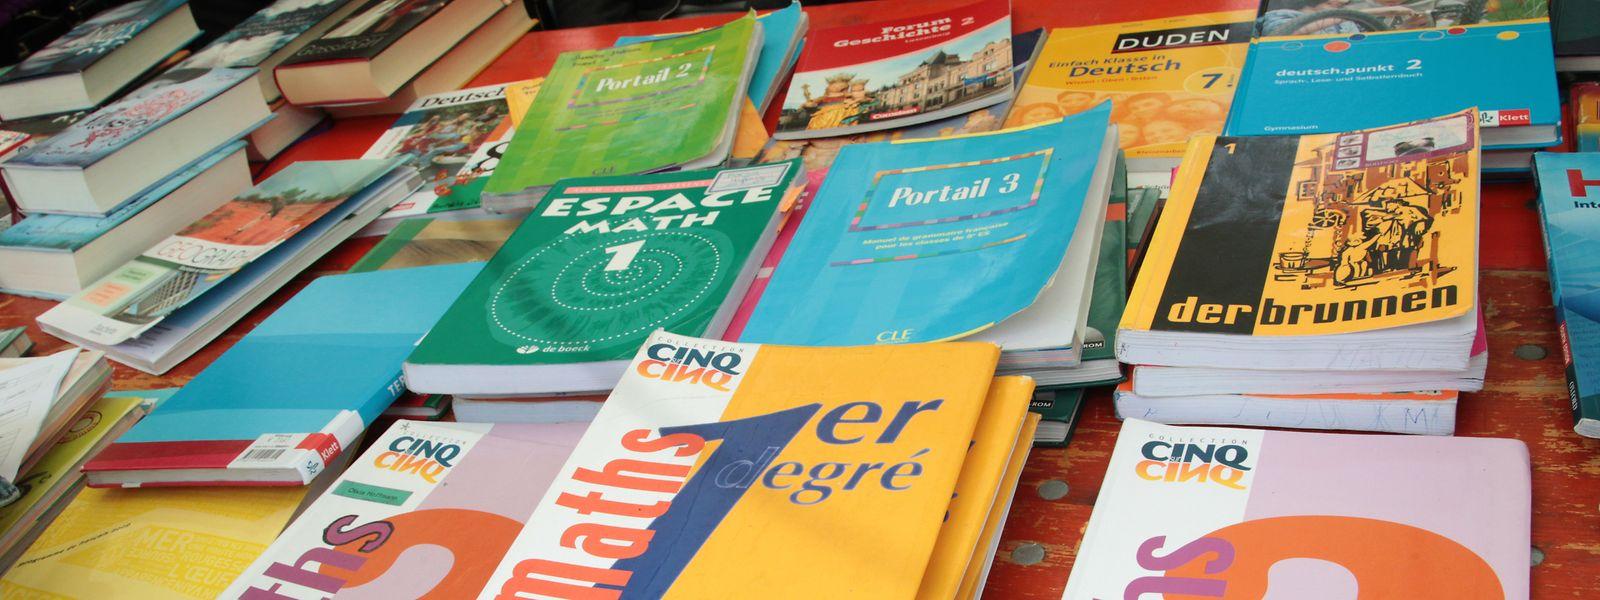 Le virus ayant eu raison de la tenue de beaucoup de Bichermaart, la réservation des ouvrages scolaires a bien fonctionné via Mybooks.lu avant la rentrée.